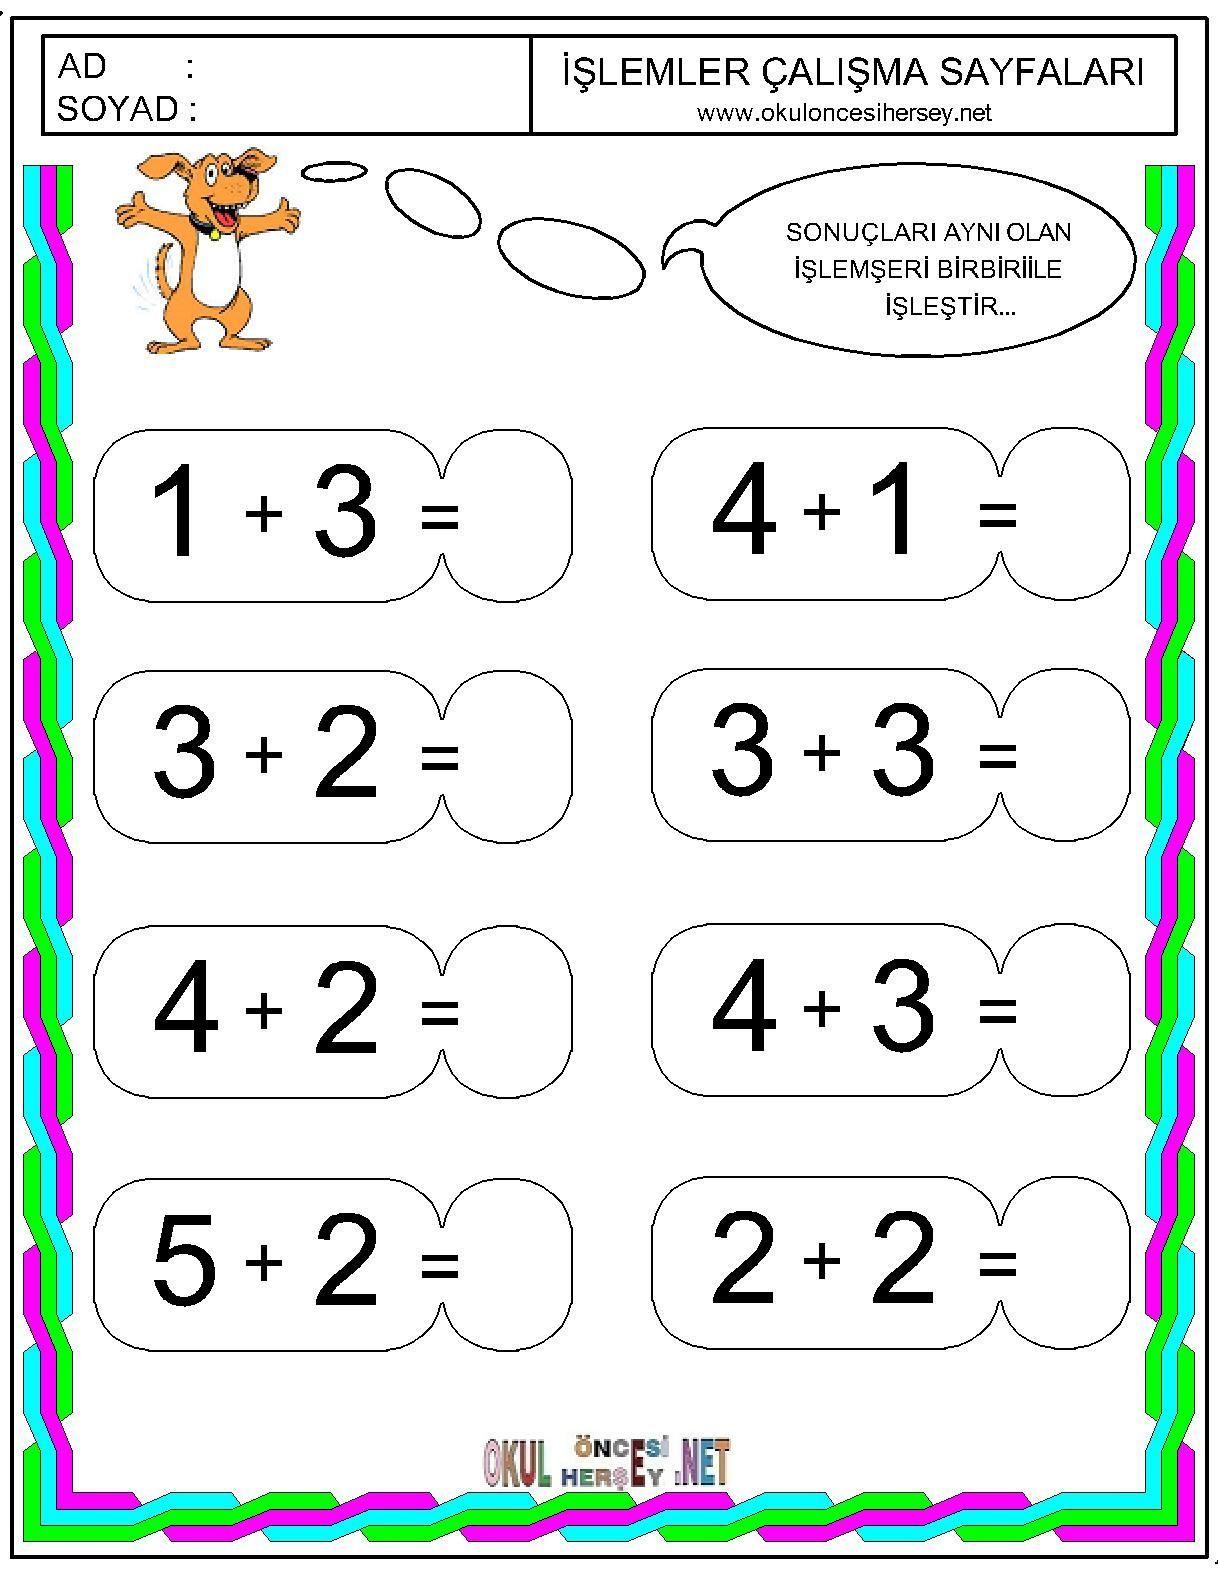 Resultado De Imagen Para Okul öncesi Matematik çalışma Sayfaları